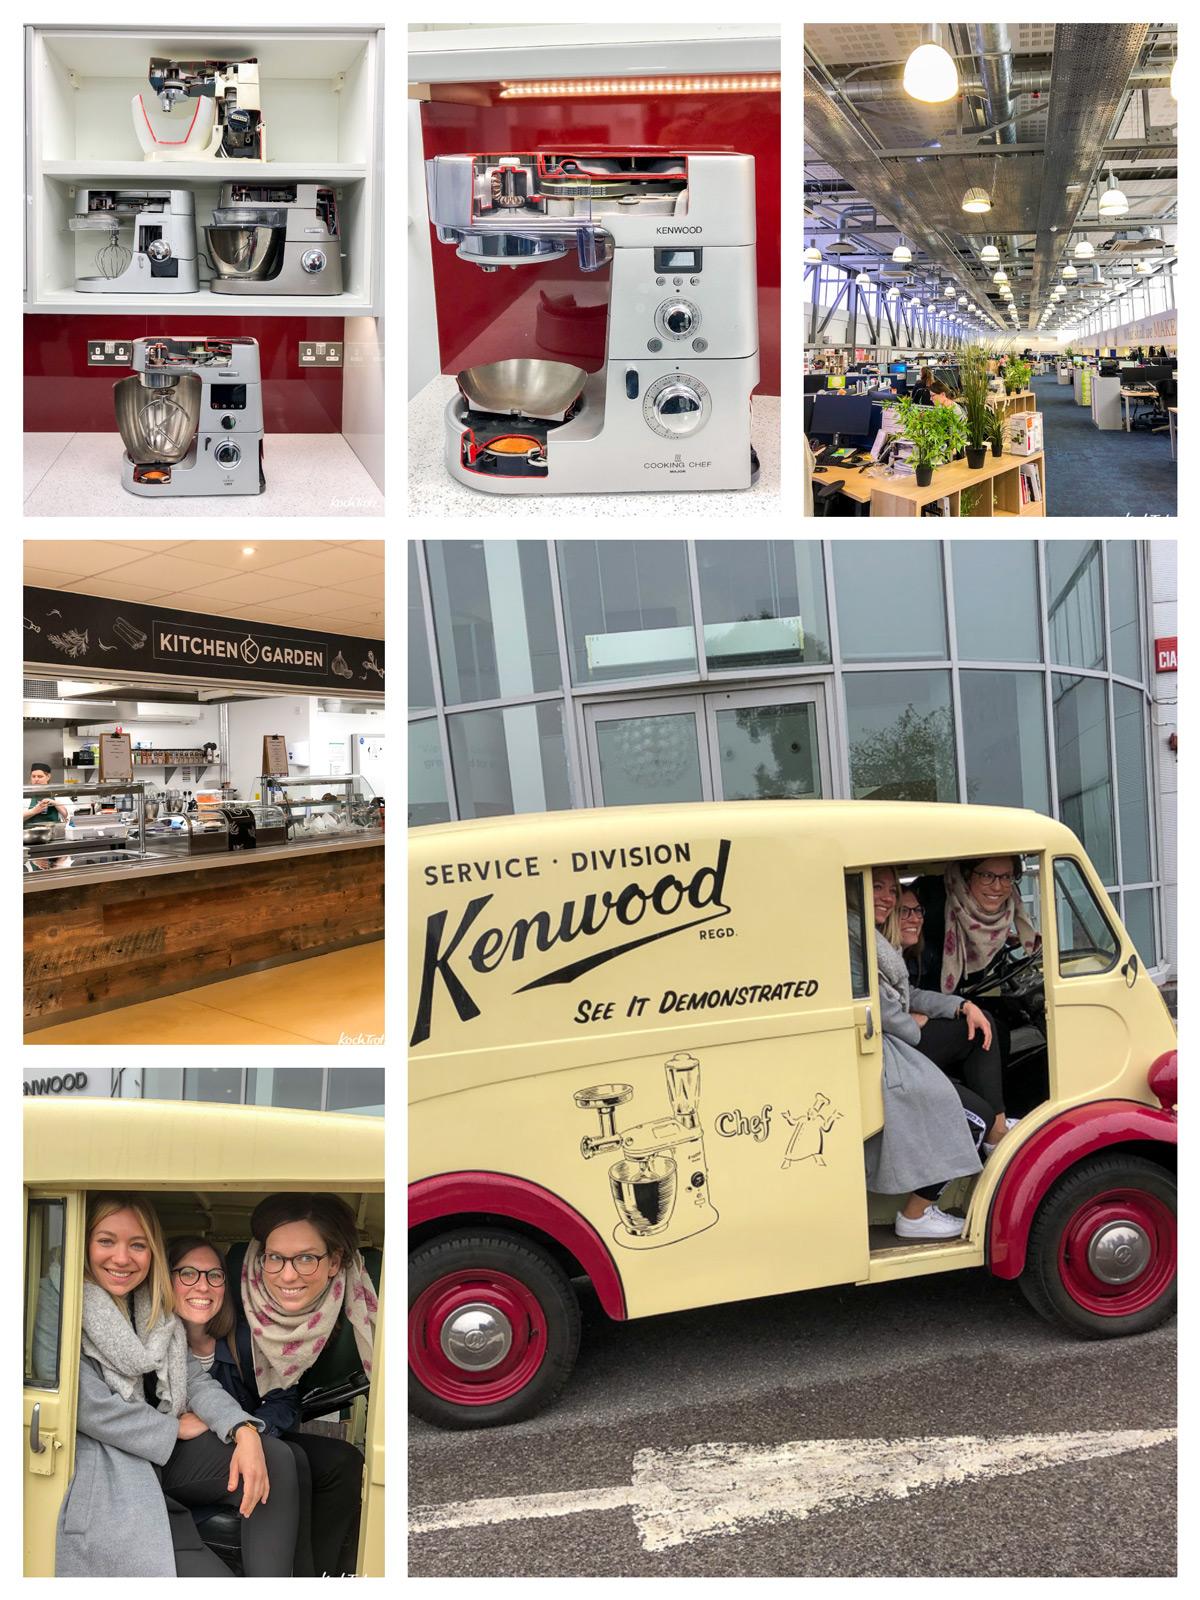 Zu Besuch bei Kenwood im Headquarter in UK